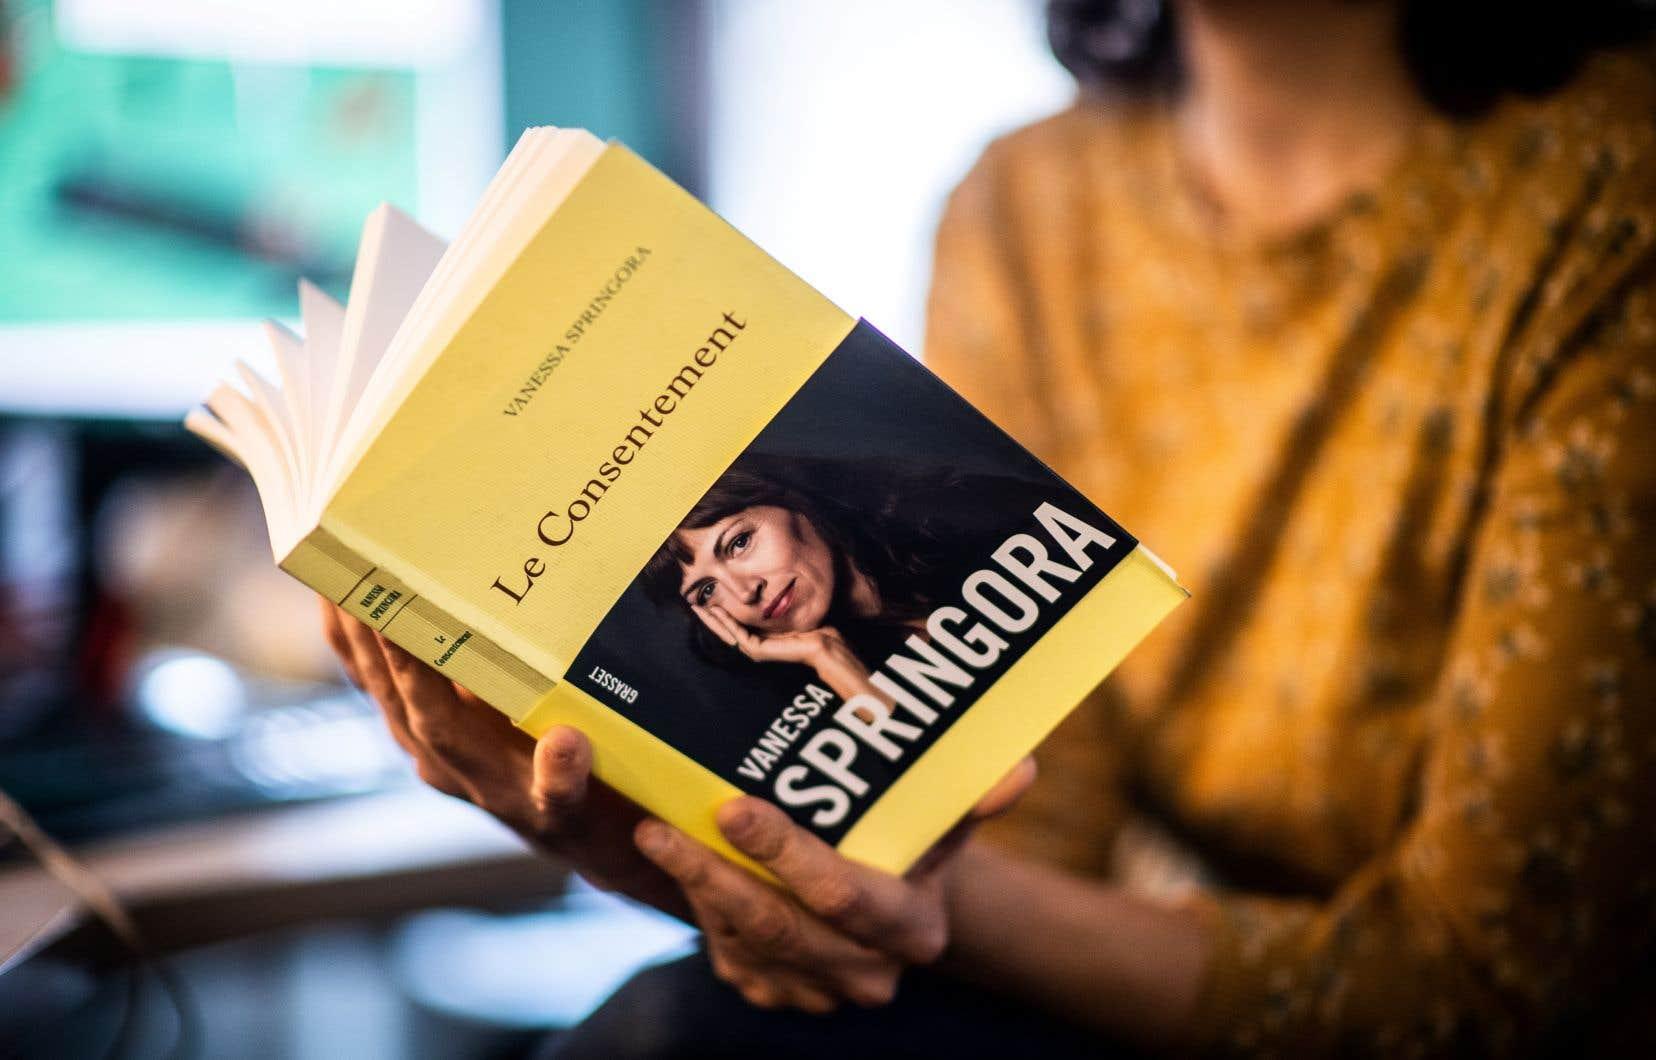 «Que [le] livre [de Vanessa Springora] ait été écrit plus de 30 ans après les actes répréhensibles importe peu; ce qui compte, c'est que justice soit rendue et que Gabriel Matzneff en paie le prix», estime l'auteure.